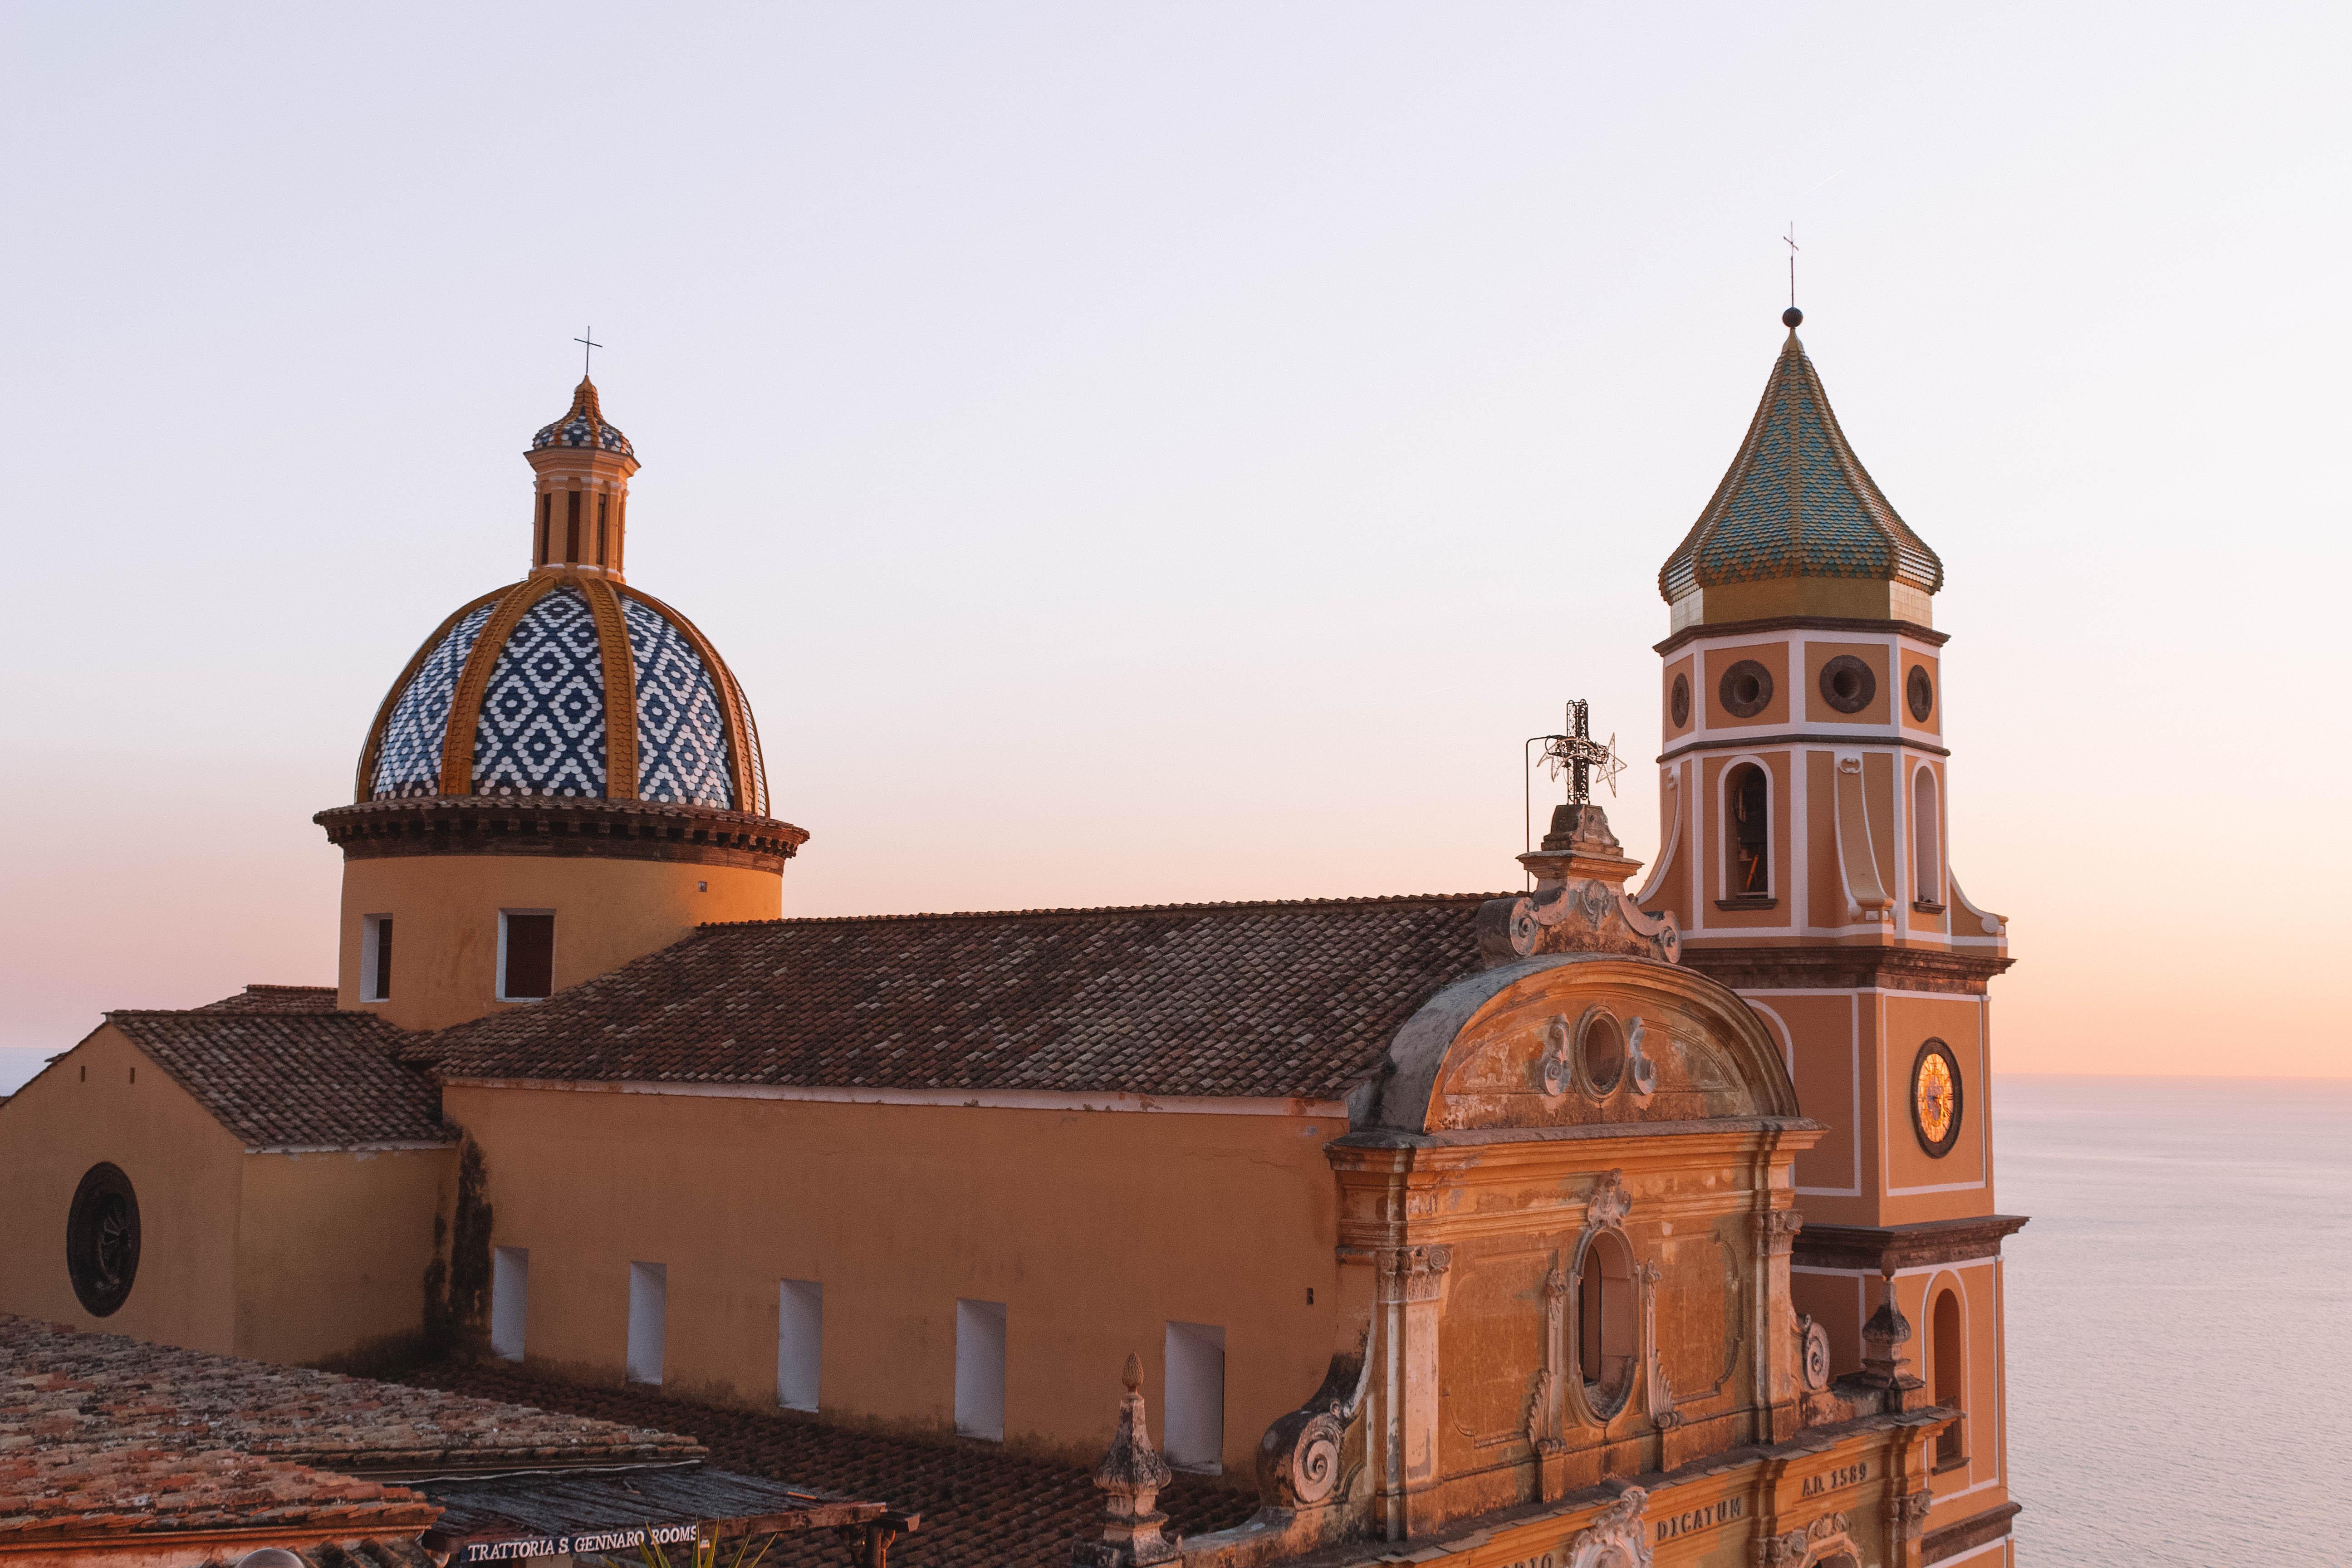 Chiesa parrocchiale di San Gennaro